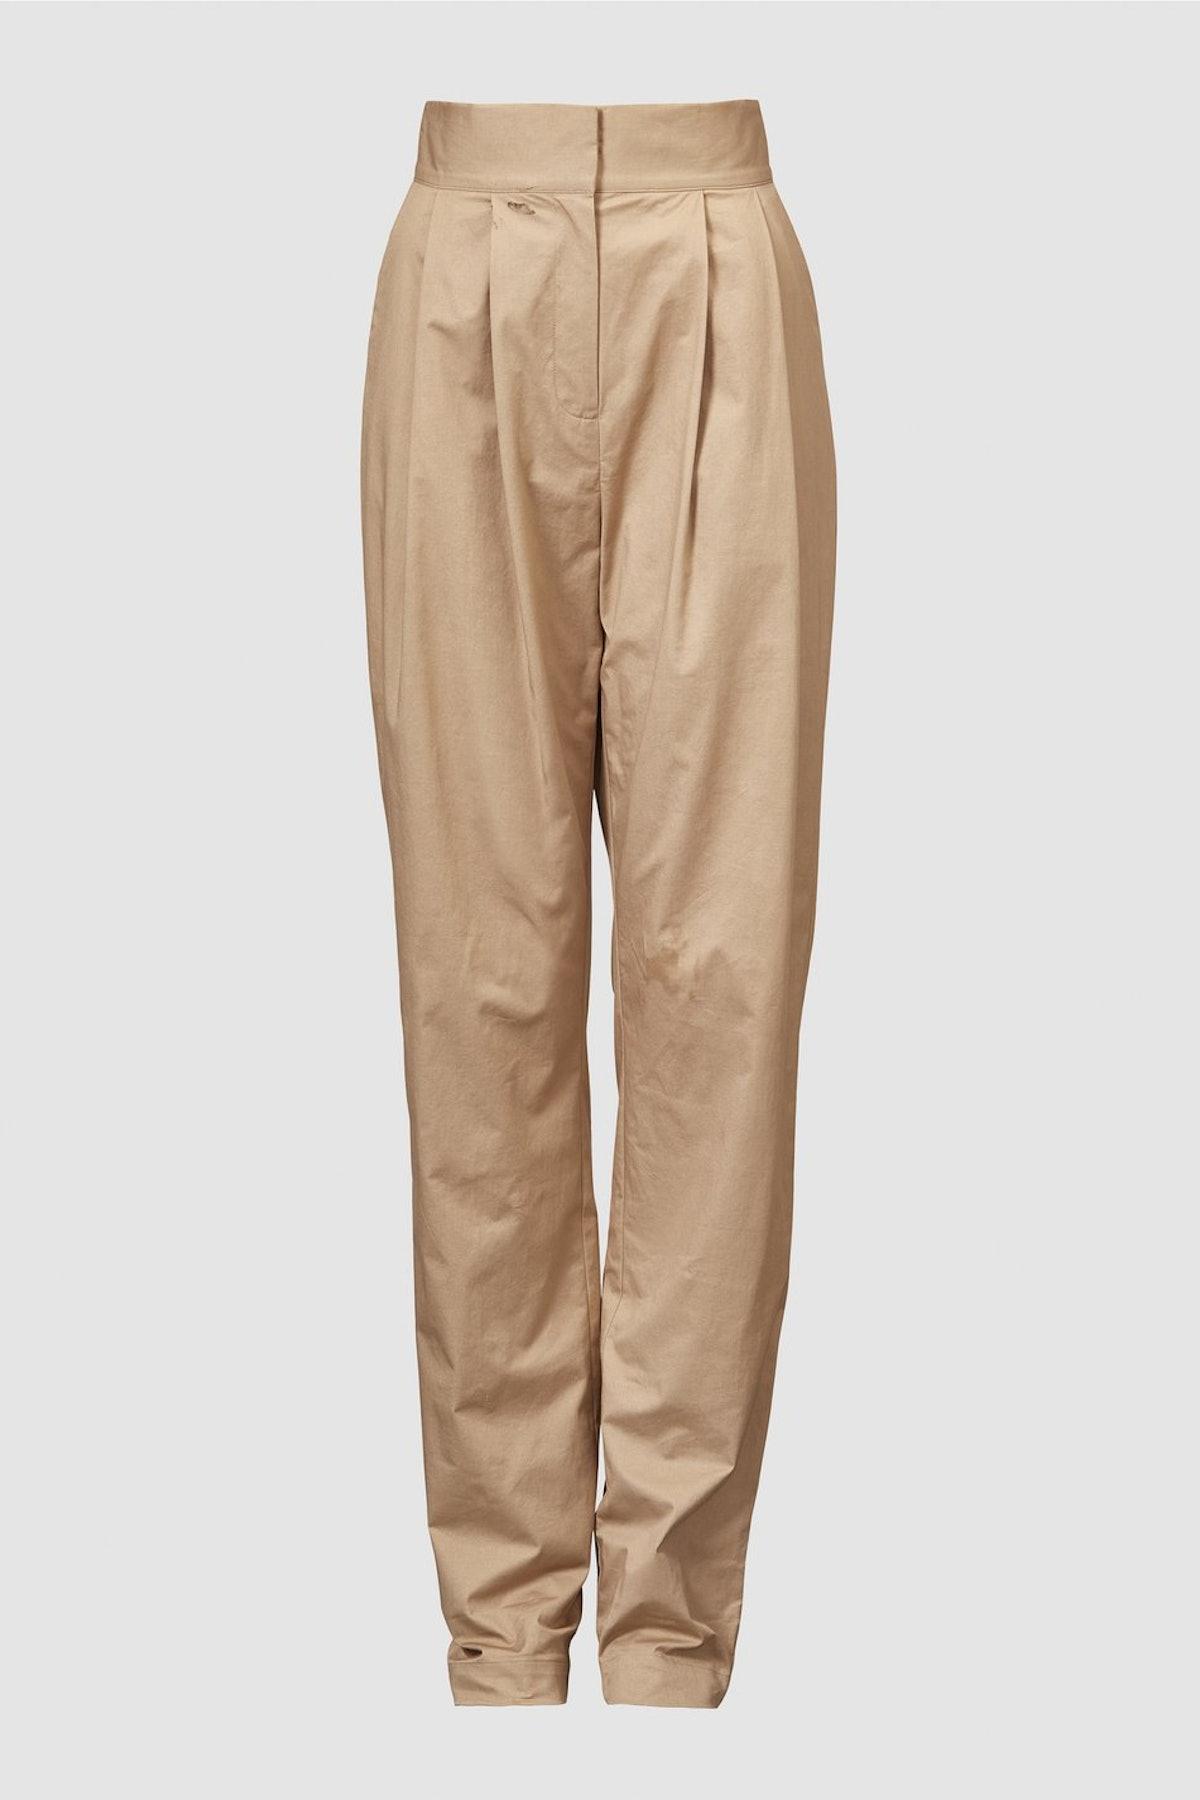 Lourdes Organic Cotton Trousers